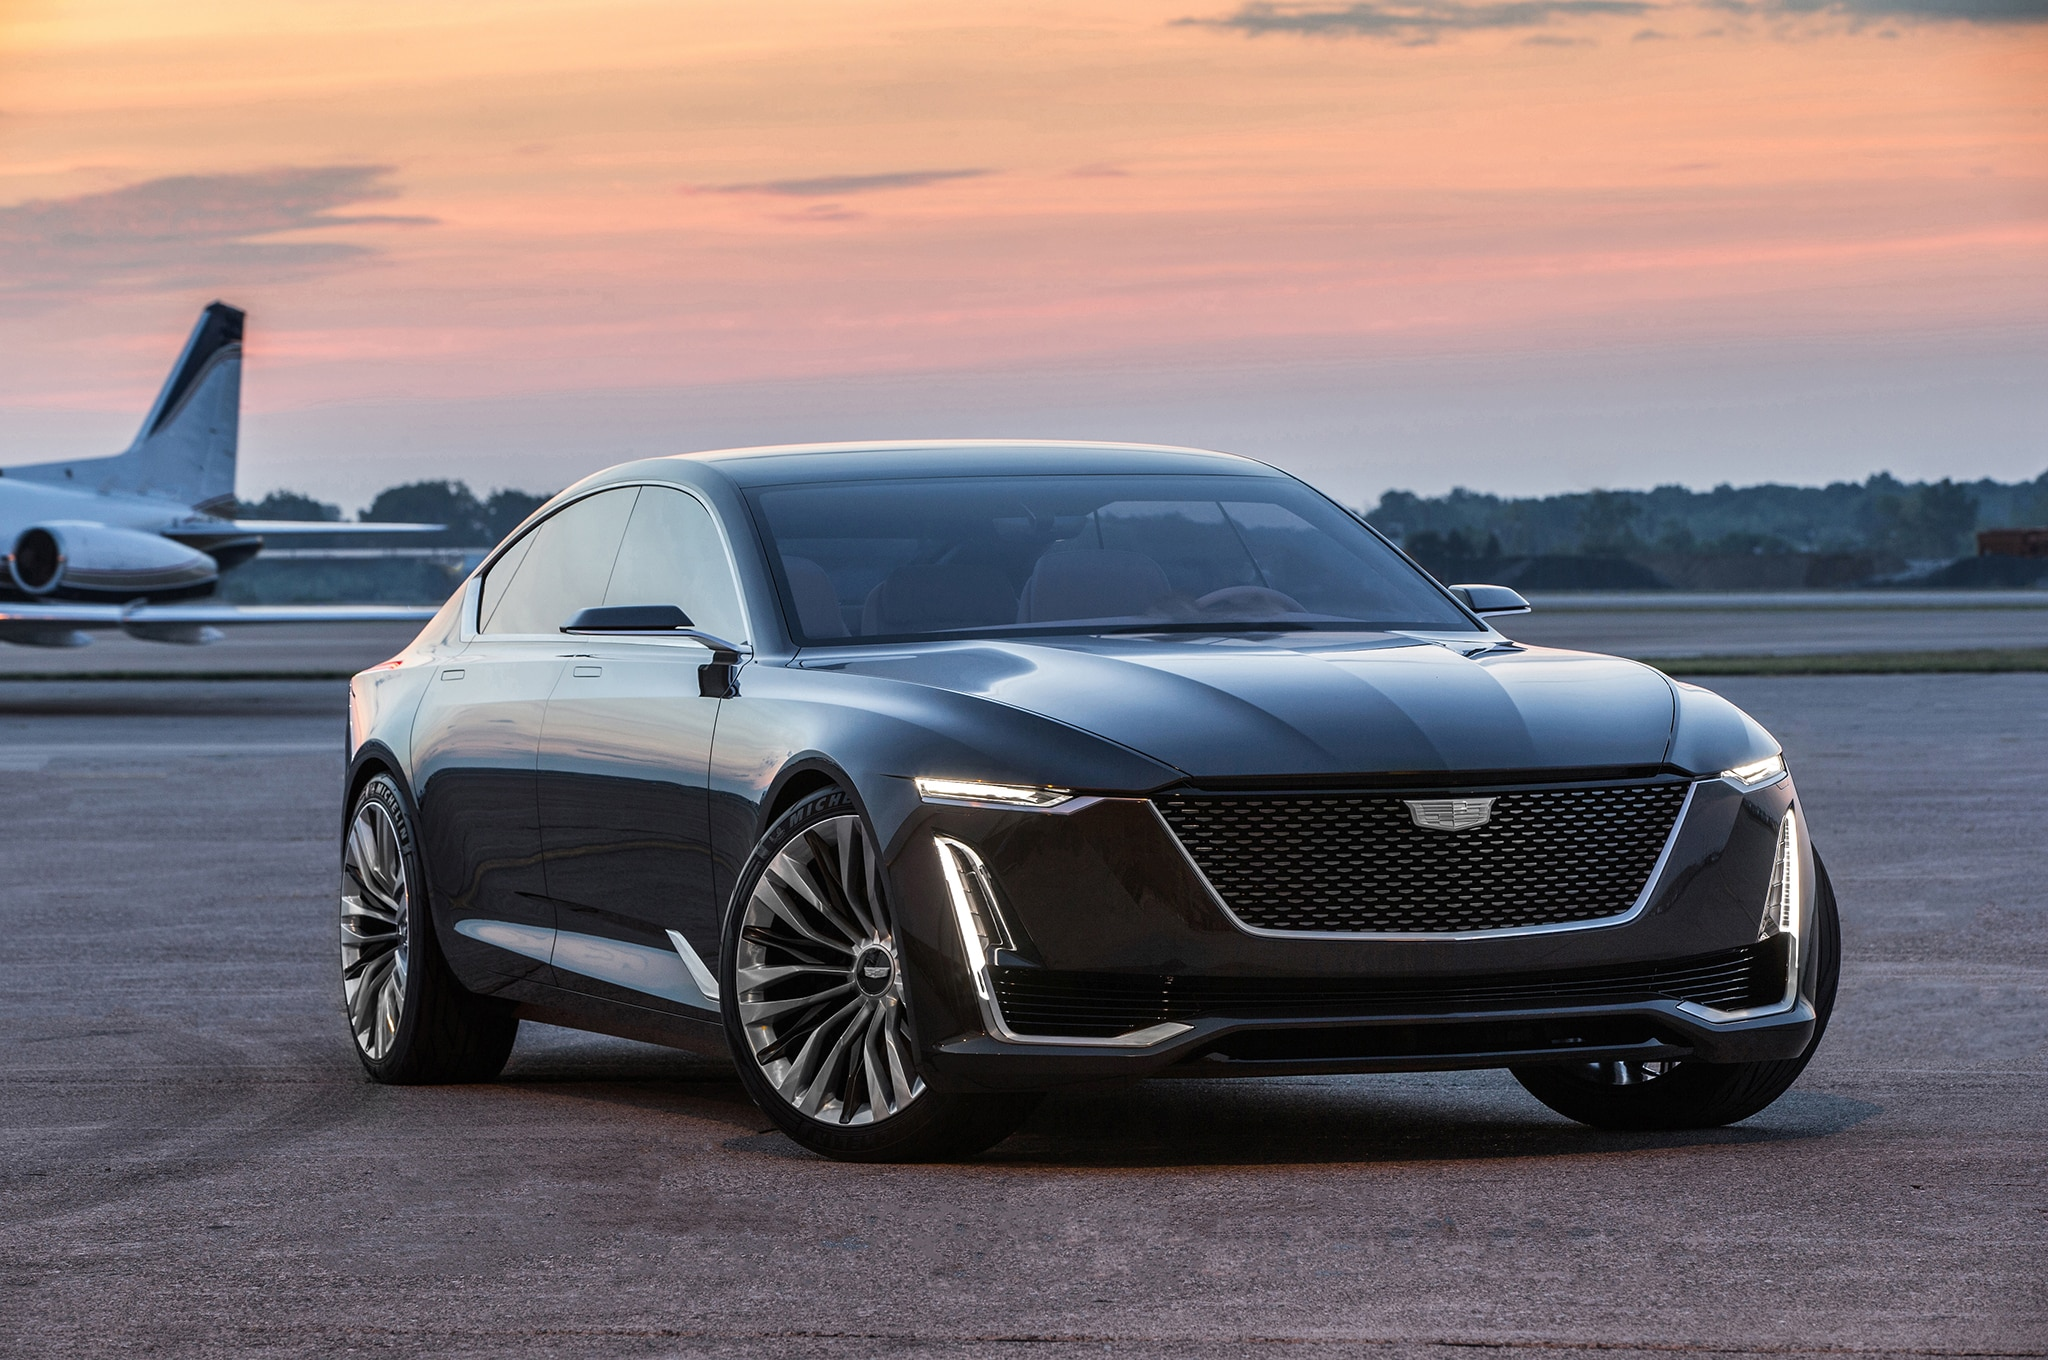 Cadillac Escala Concept Debut Photos and Information ...